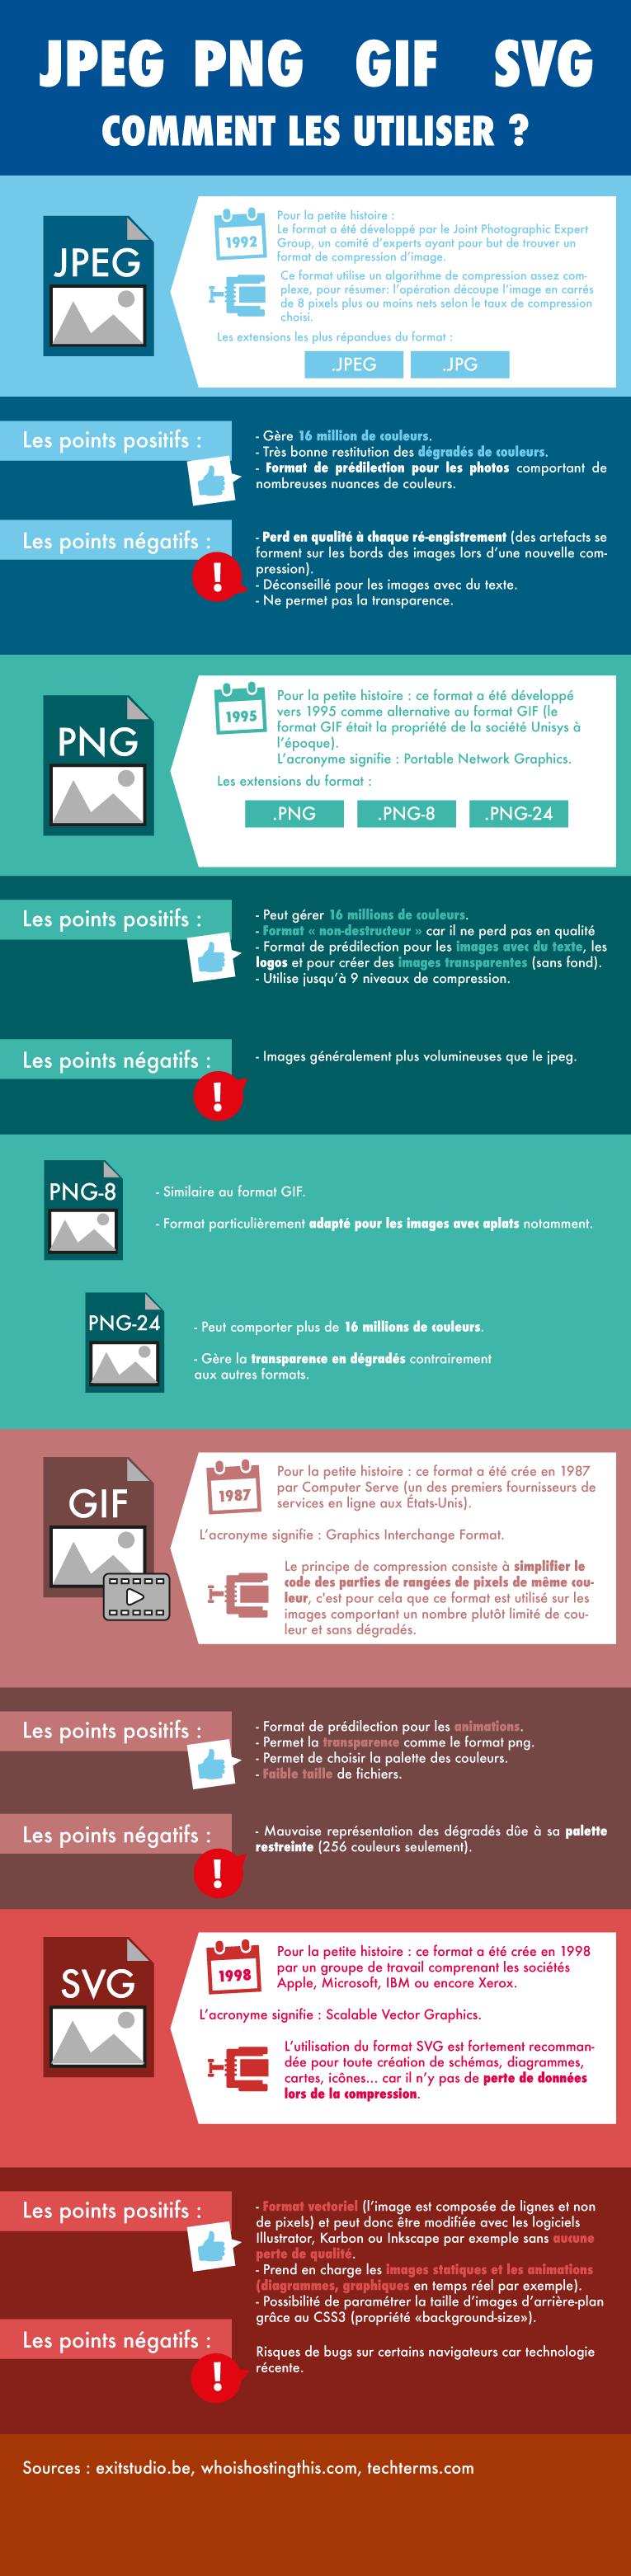 Jpeg, Png, Svg ou Gif, quel format utiliser pour vos images.